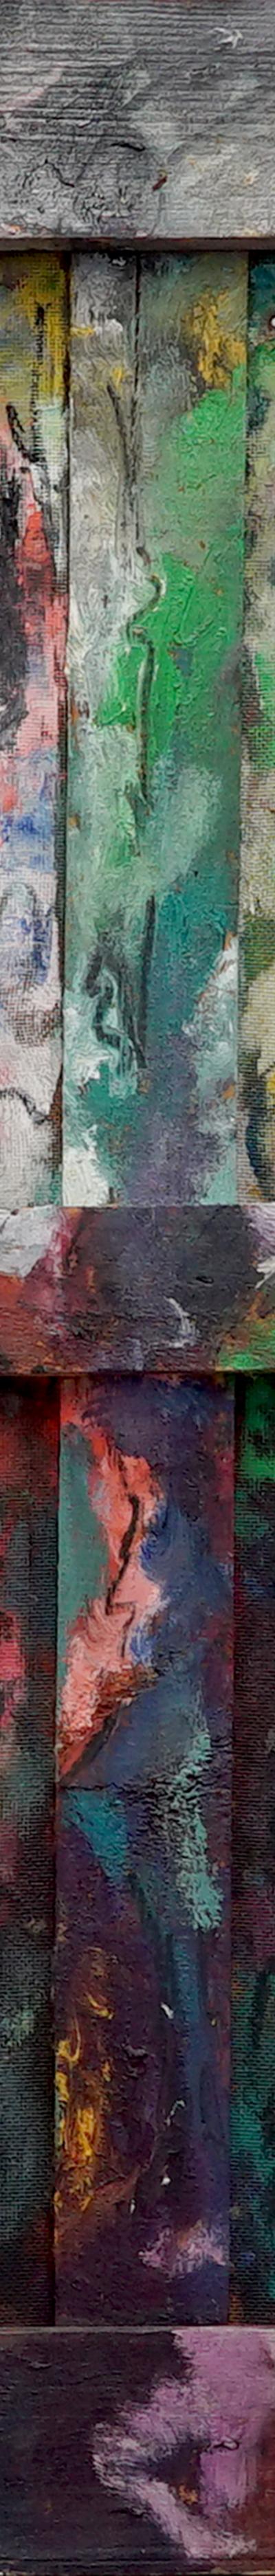 mimik 68x92 cm, oil on wood